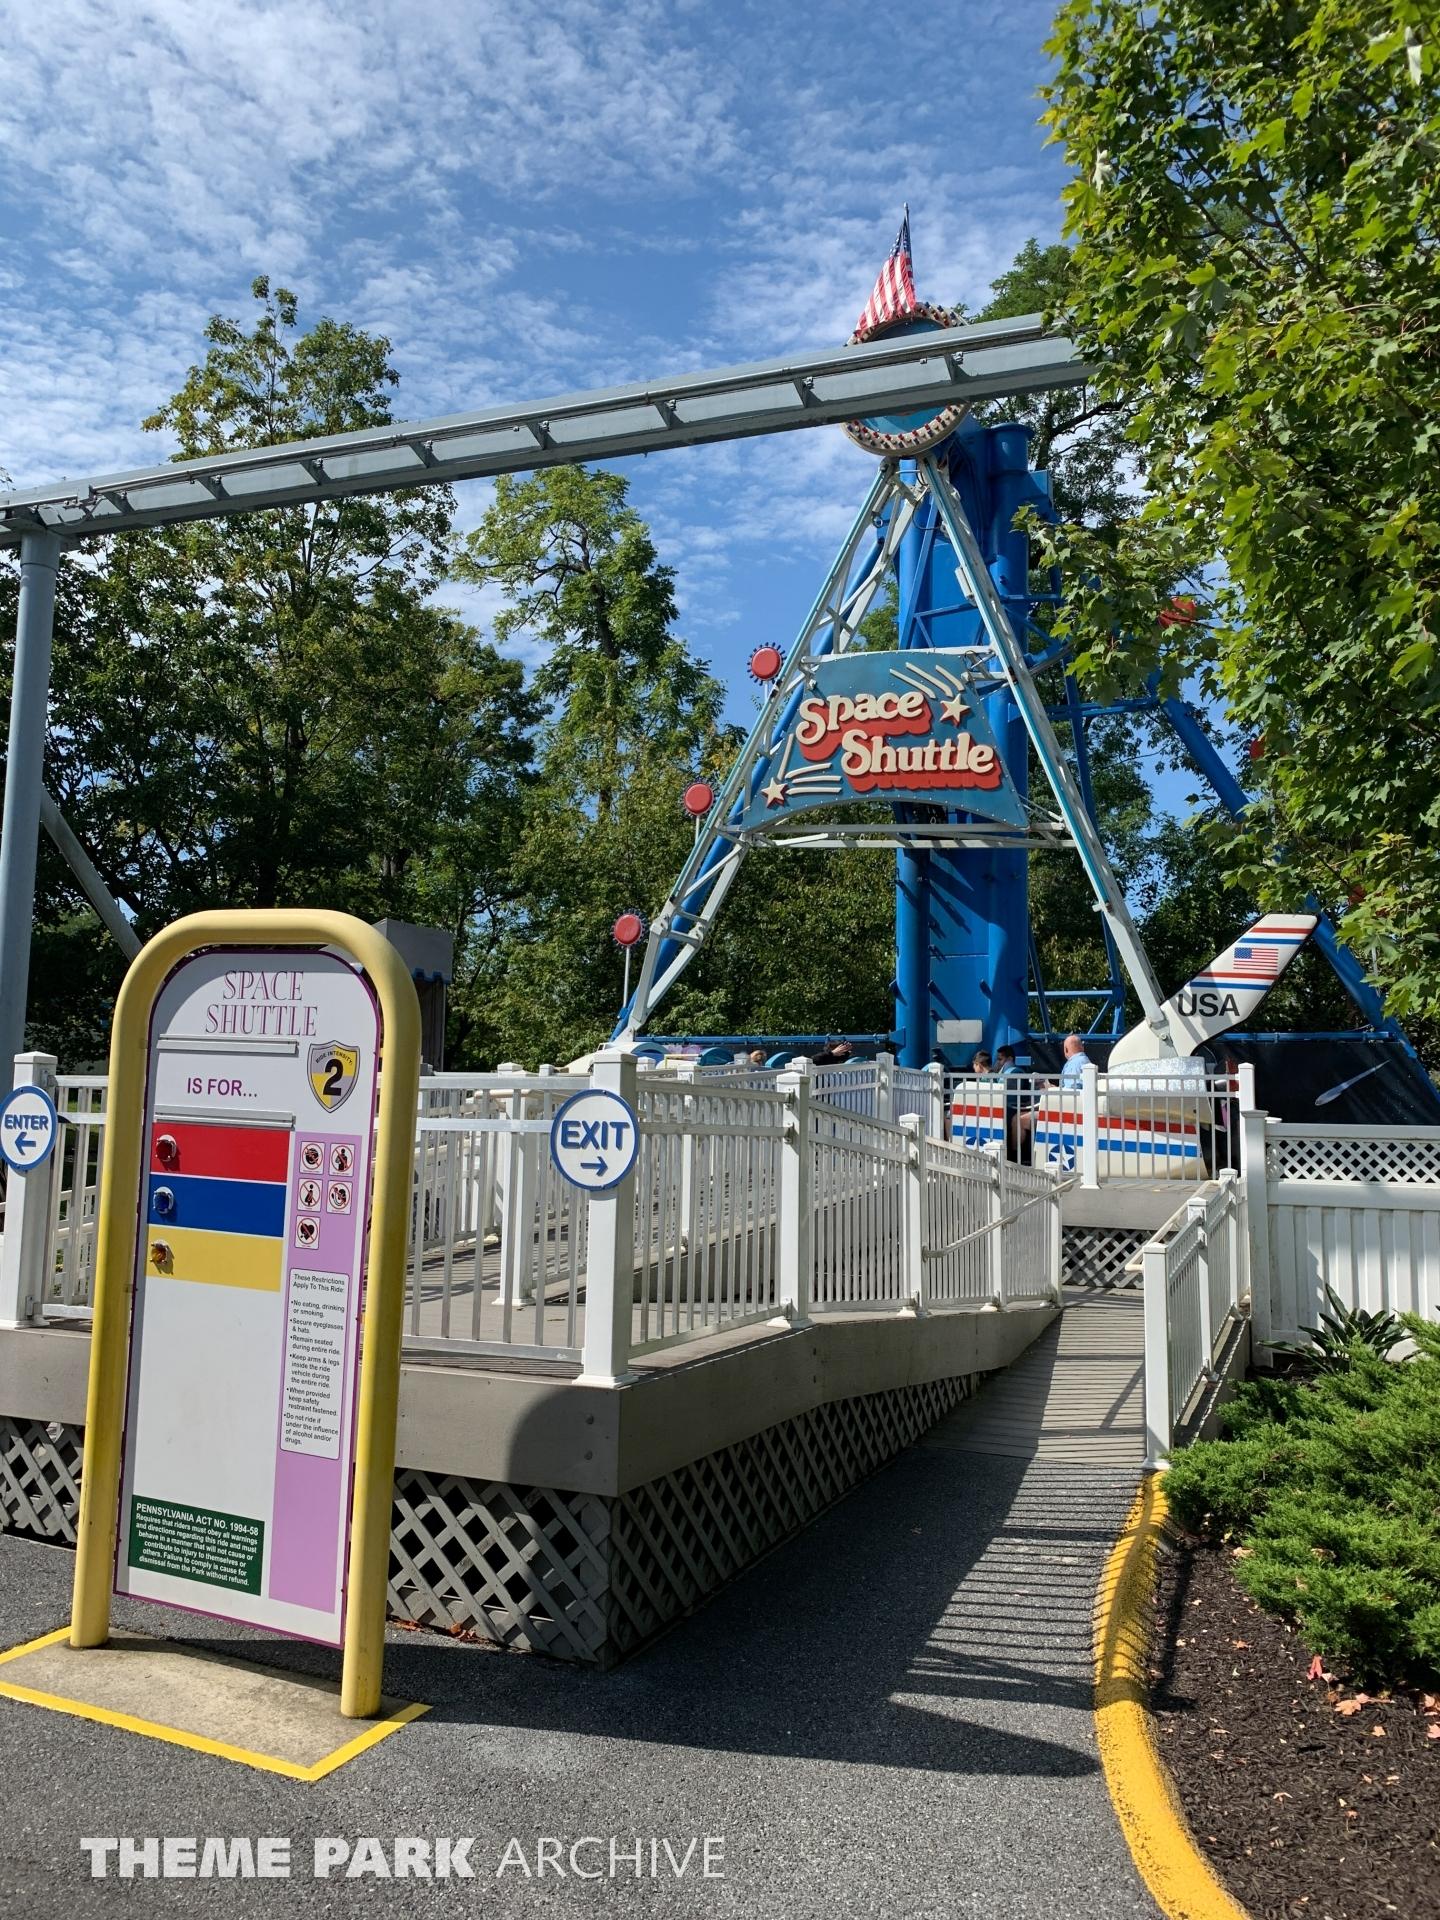 Space Shuttle at Dutch Wonderland